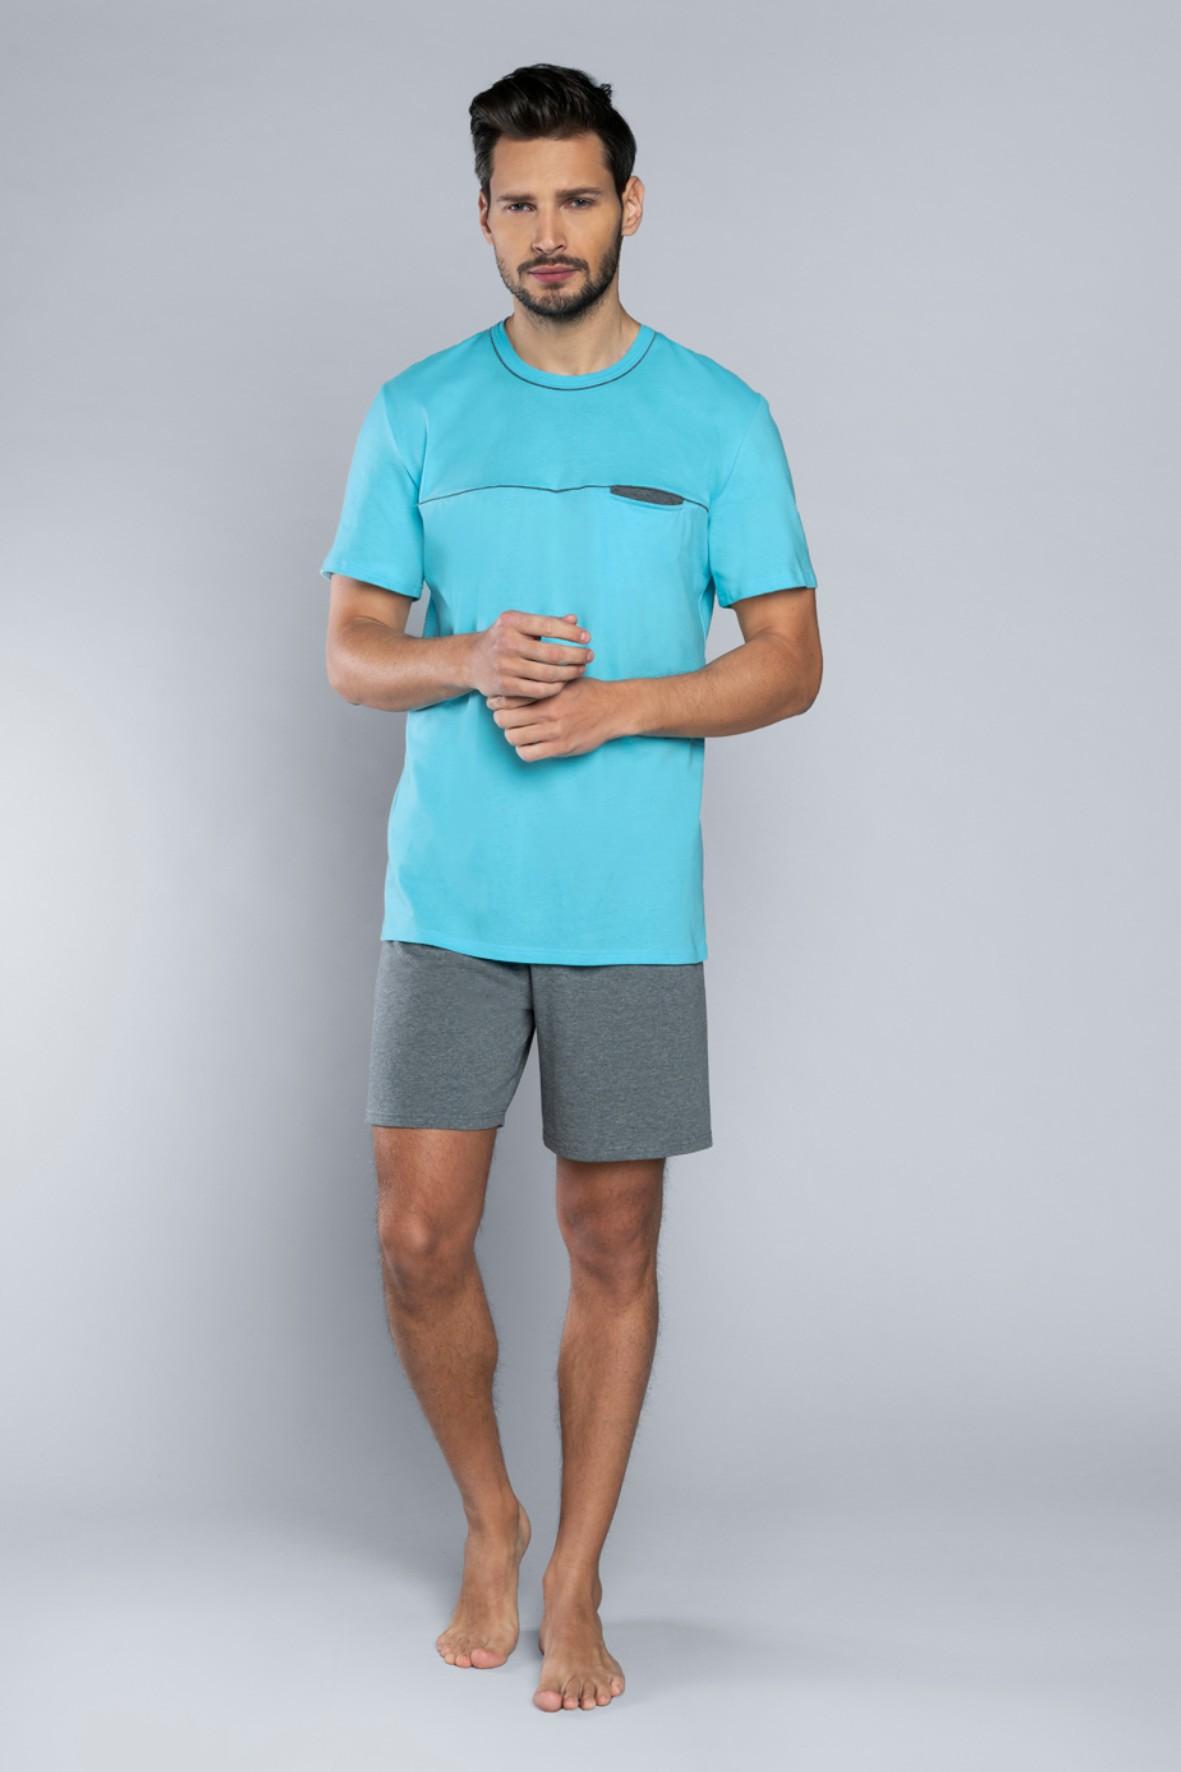 Dwuczęściowa piżama męska - t-shirt i szare krótkie spodenki